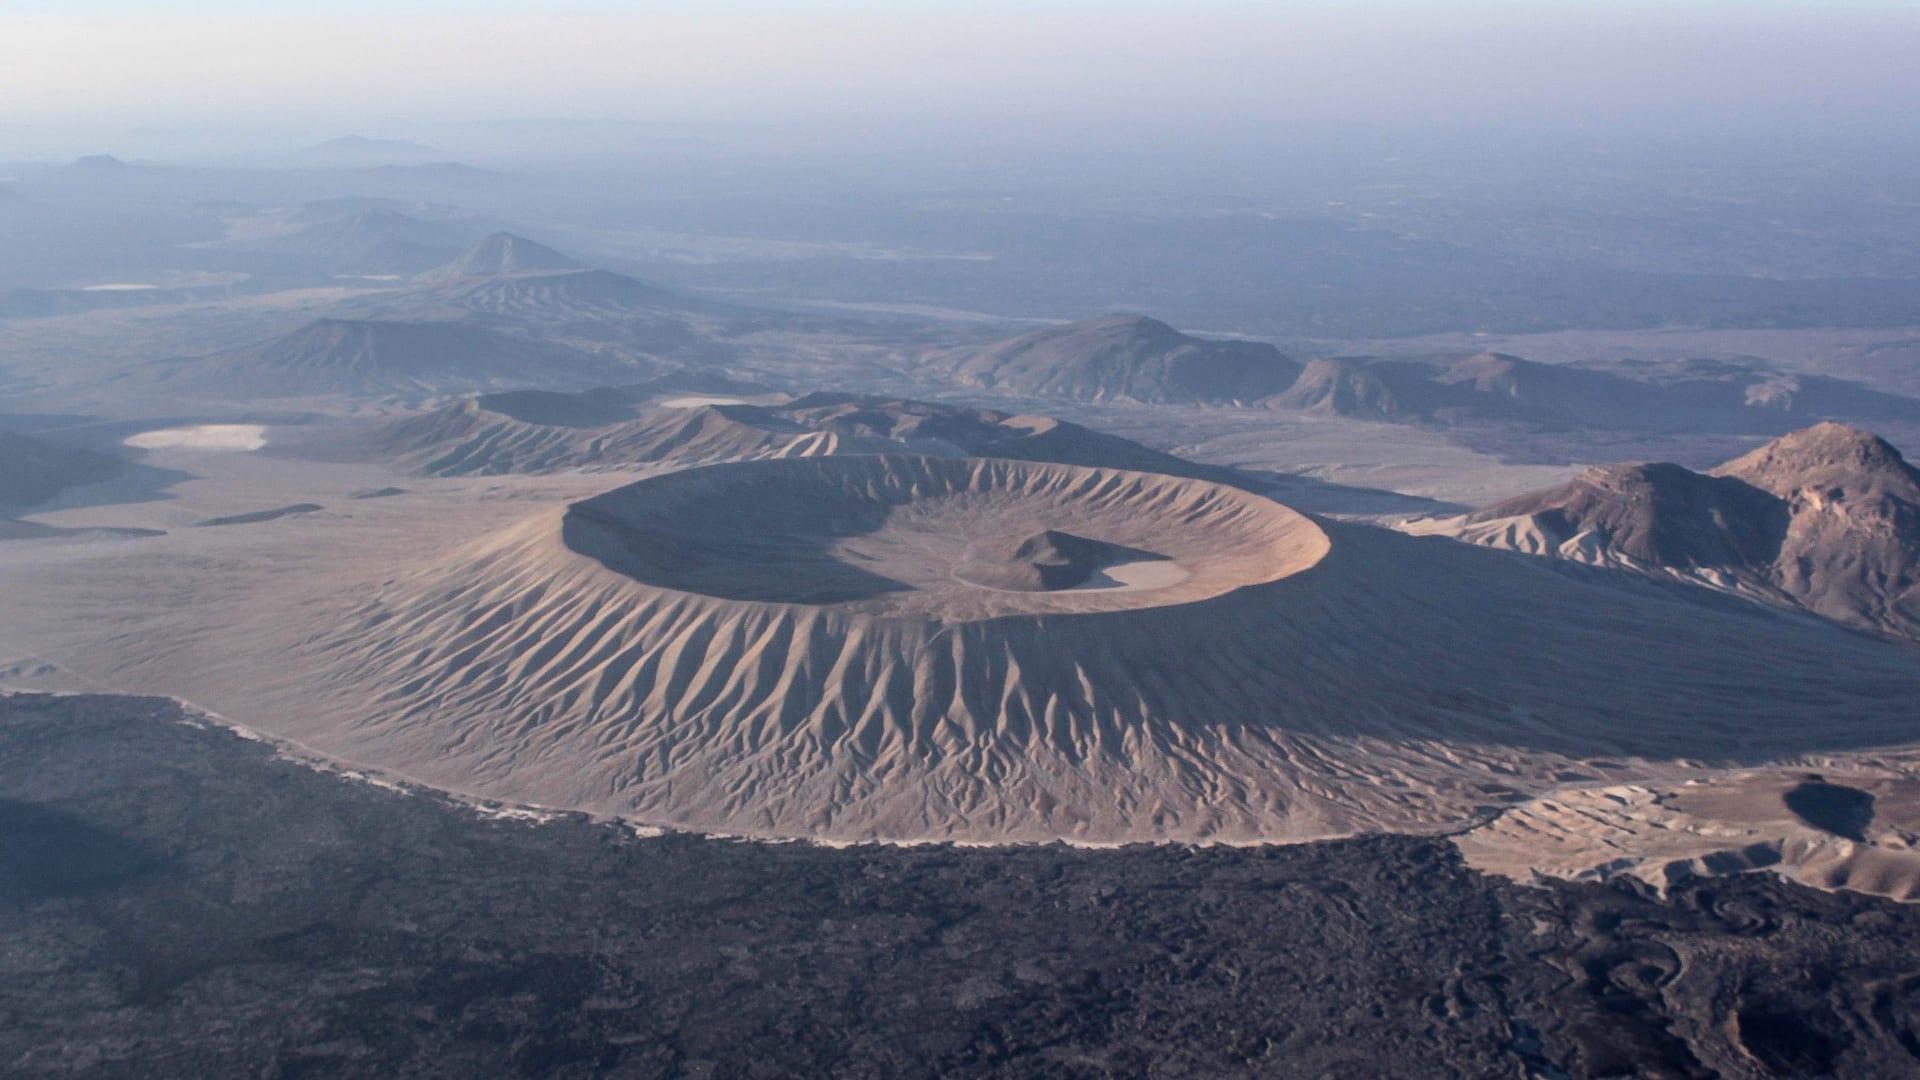 فوهة جبل البيضاء في السعودية